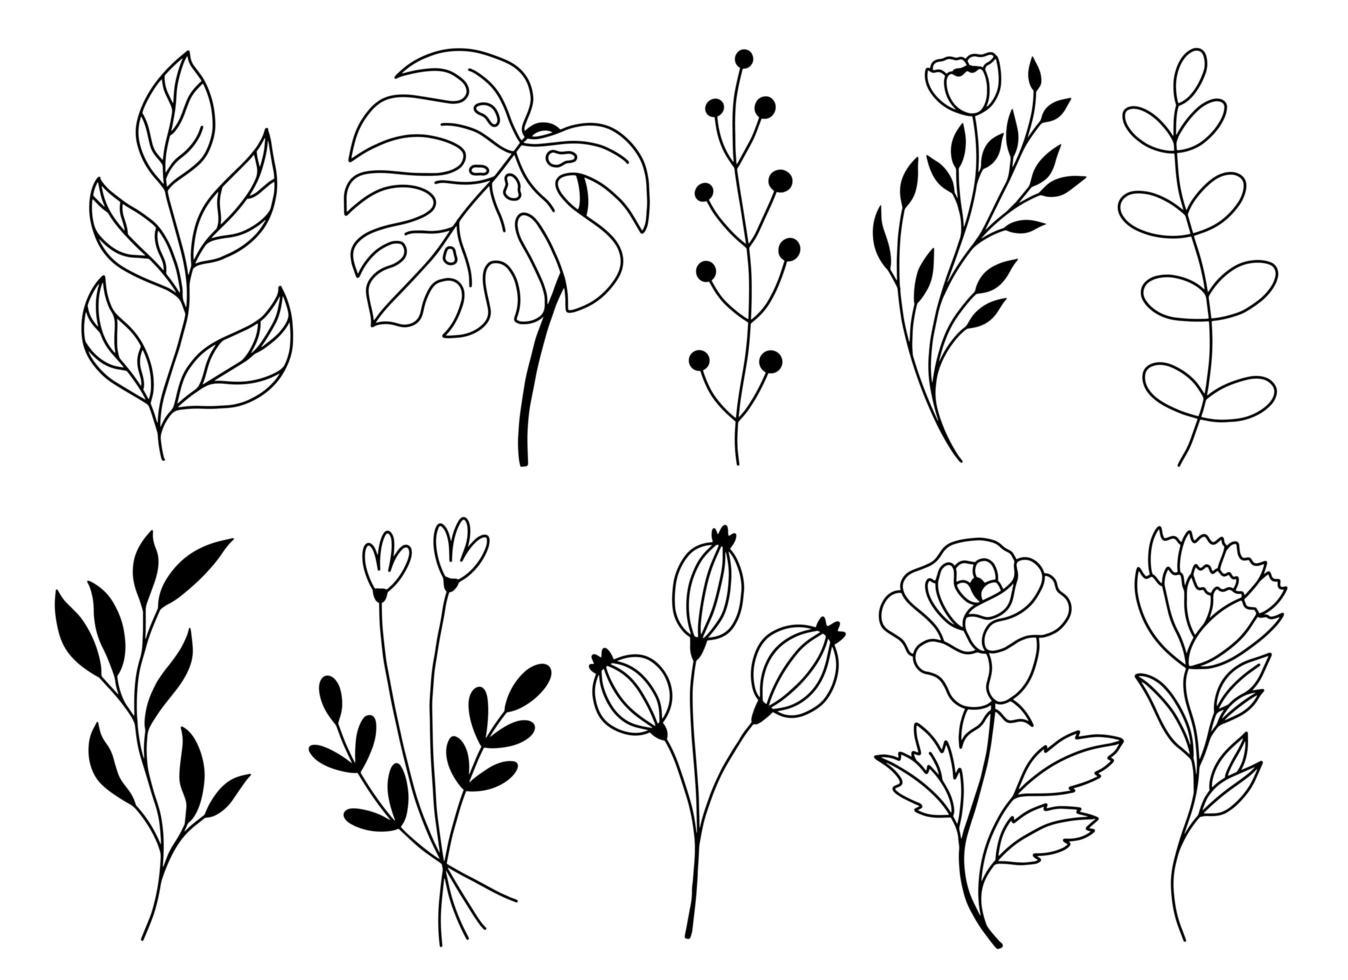 ensemble d'éléments floraux dessinés à la main doodle vecteur